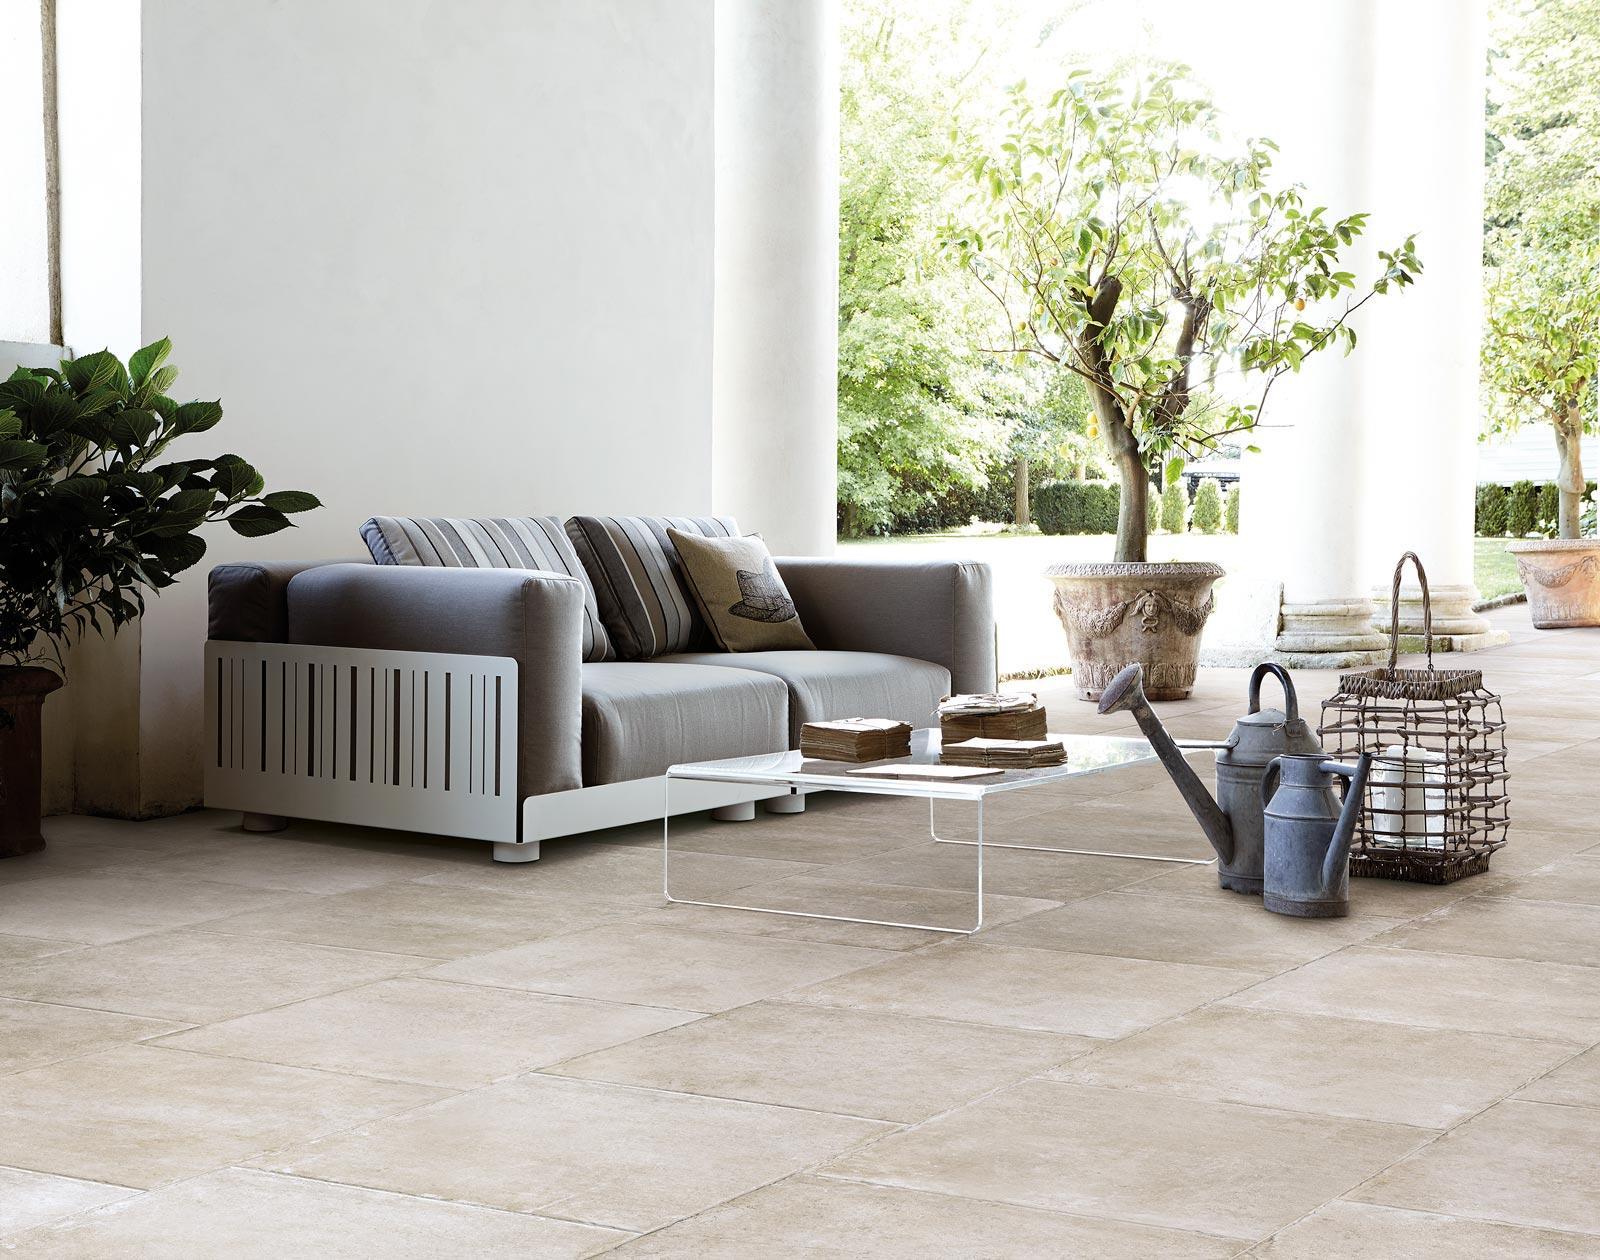 Gres Porcellanato Prezzi Bassi pavimenti gres porcellanato effetto pietra prezzo più basso